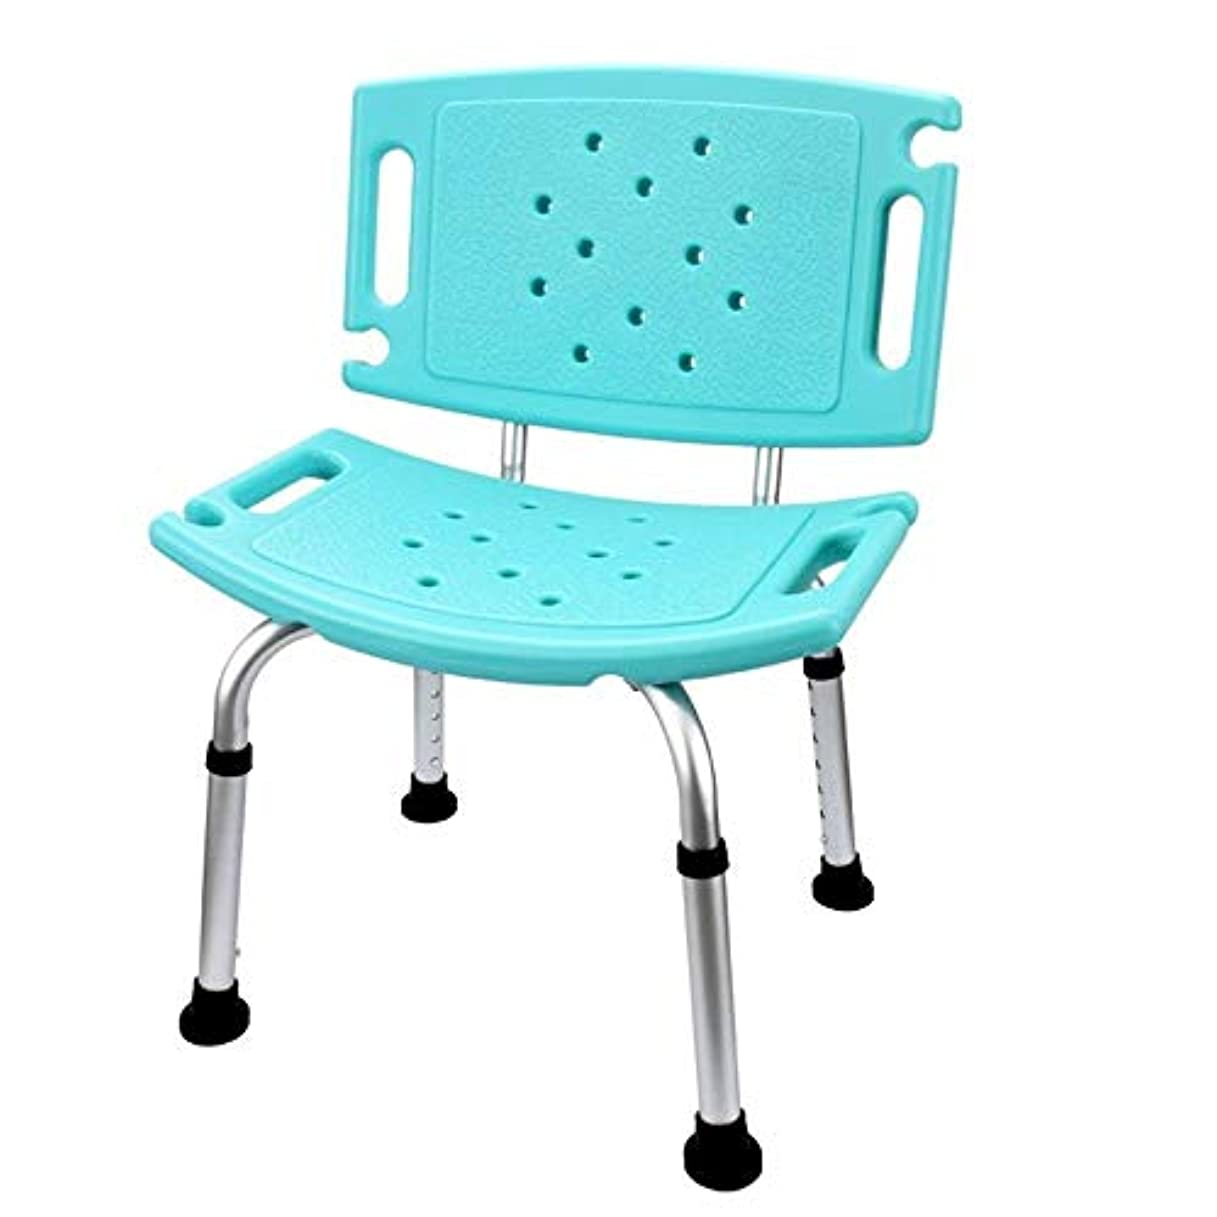 定規マイナスギャザー背部およびシャワー?ヘッドのホールダーが付いているデラックスな高さの調節可能なアルミニウムBath/シャワーの椅子